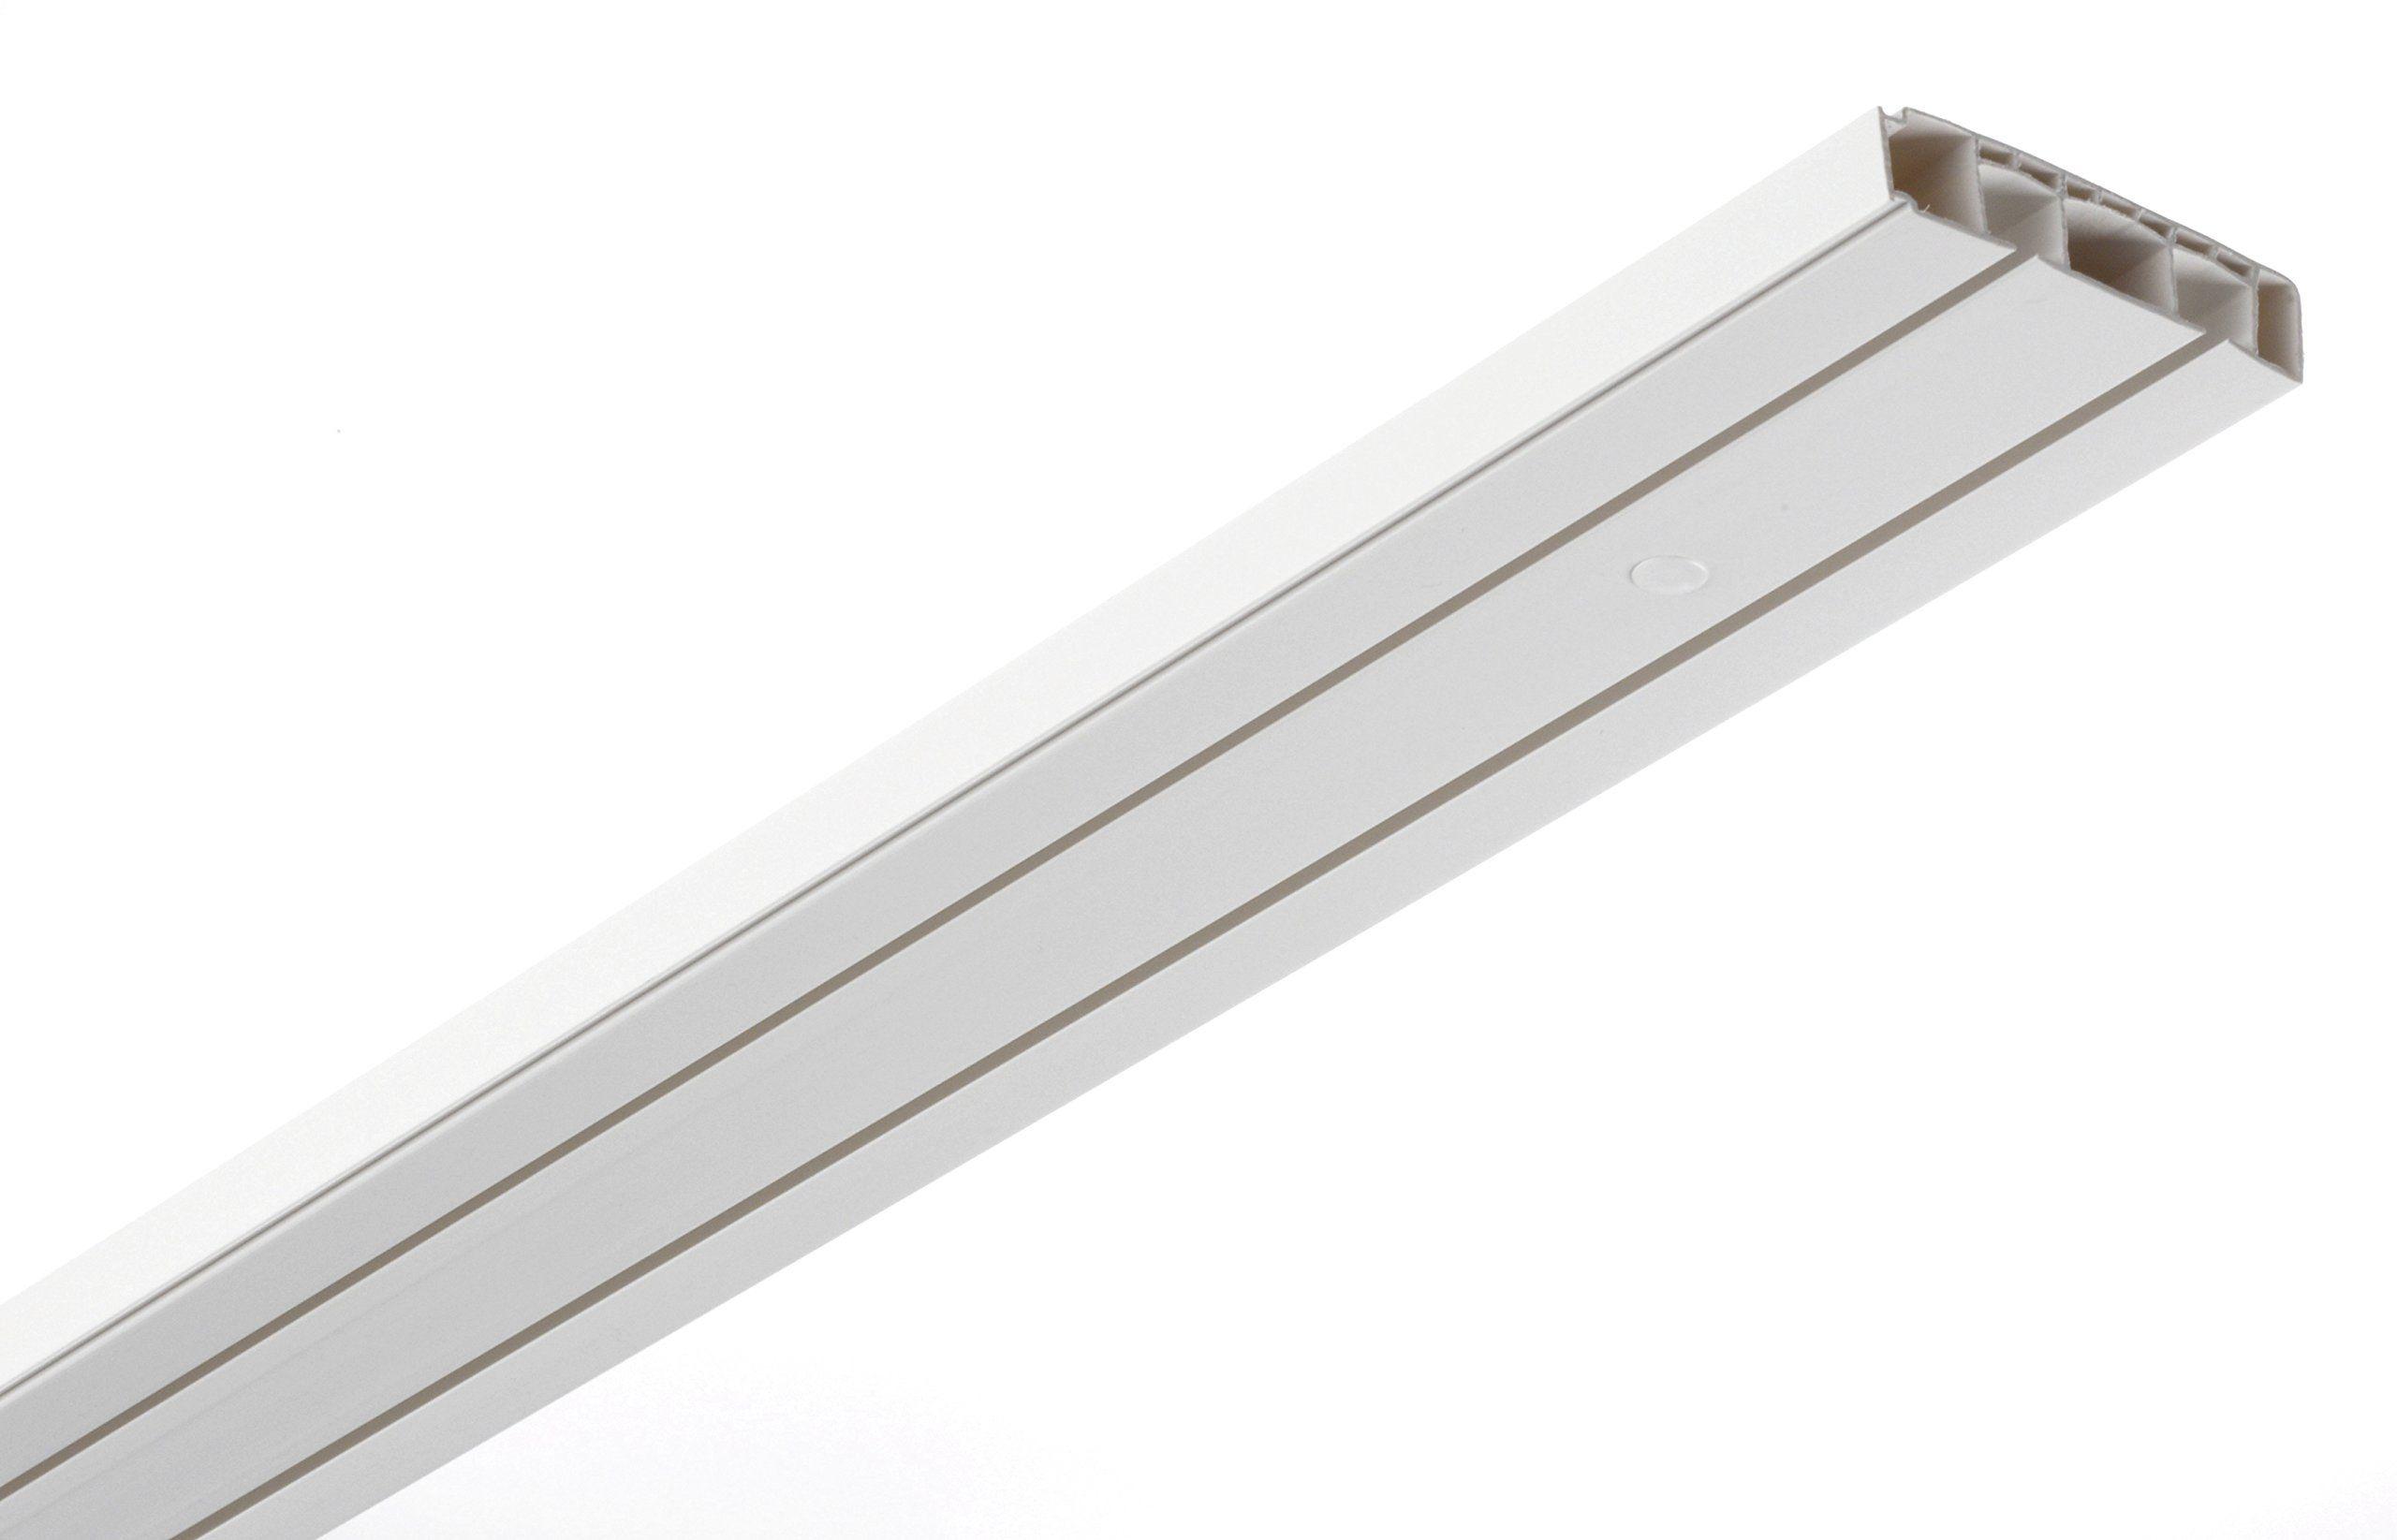 GARDINIA Zestaw karniszy, kompletny zestaw z podwójną szyną, wraz z okuciami montażowymi, 120 cm, biały